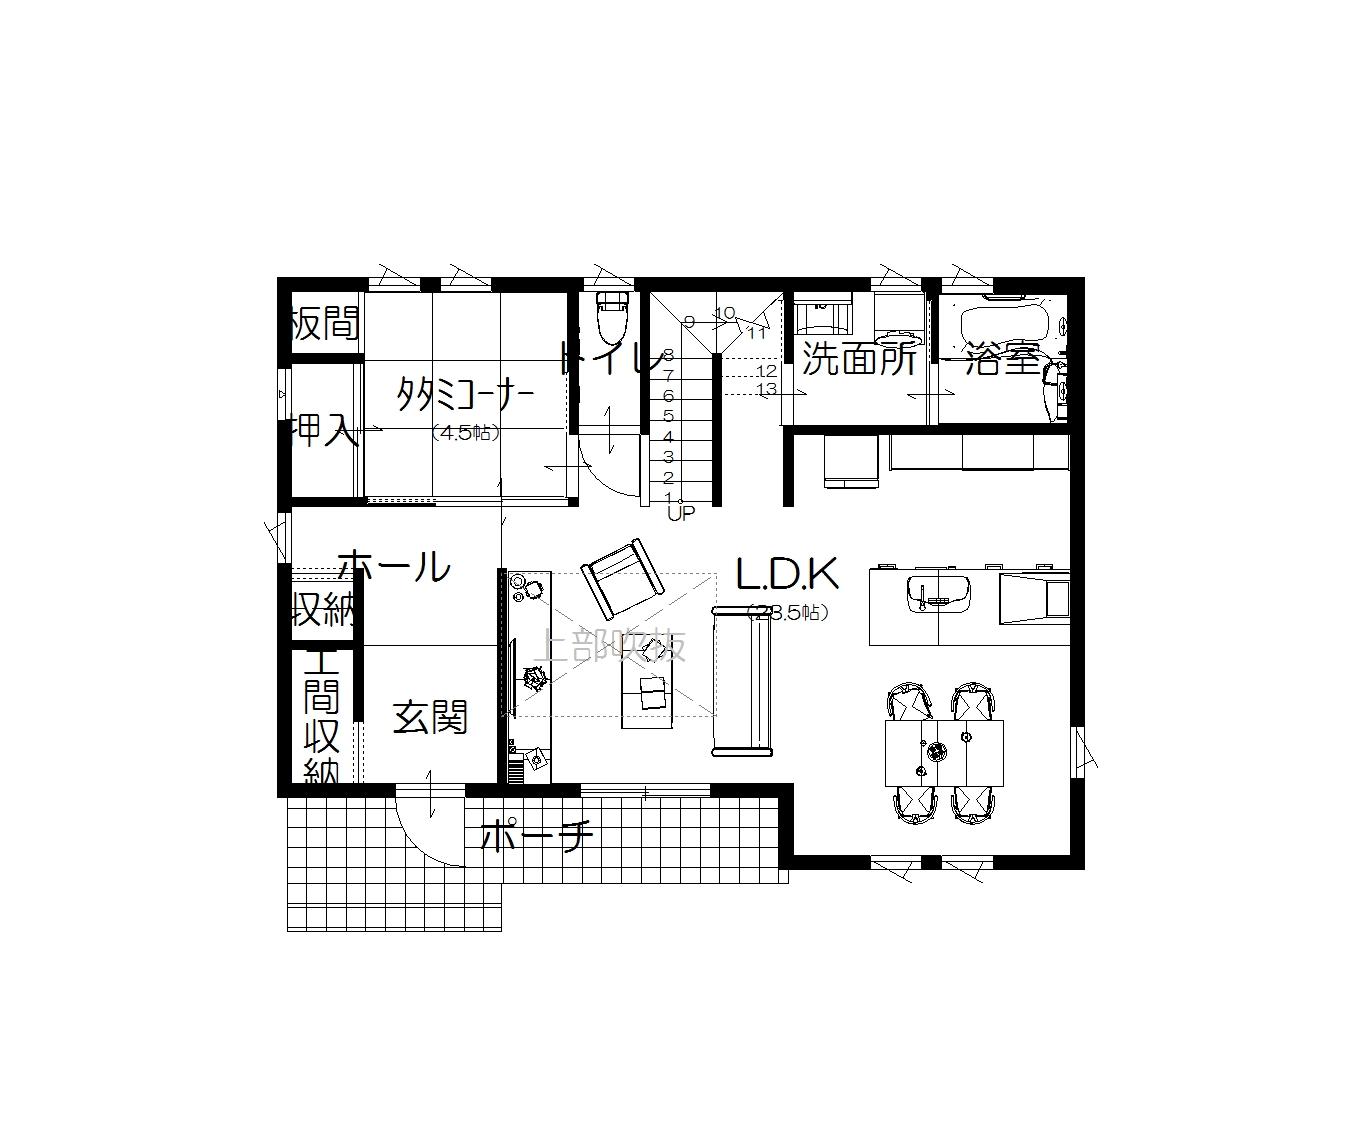 美濃加茂の匠建、M様邸平面図1F